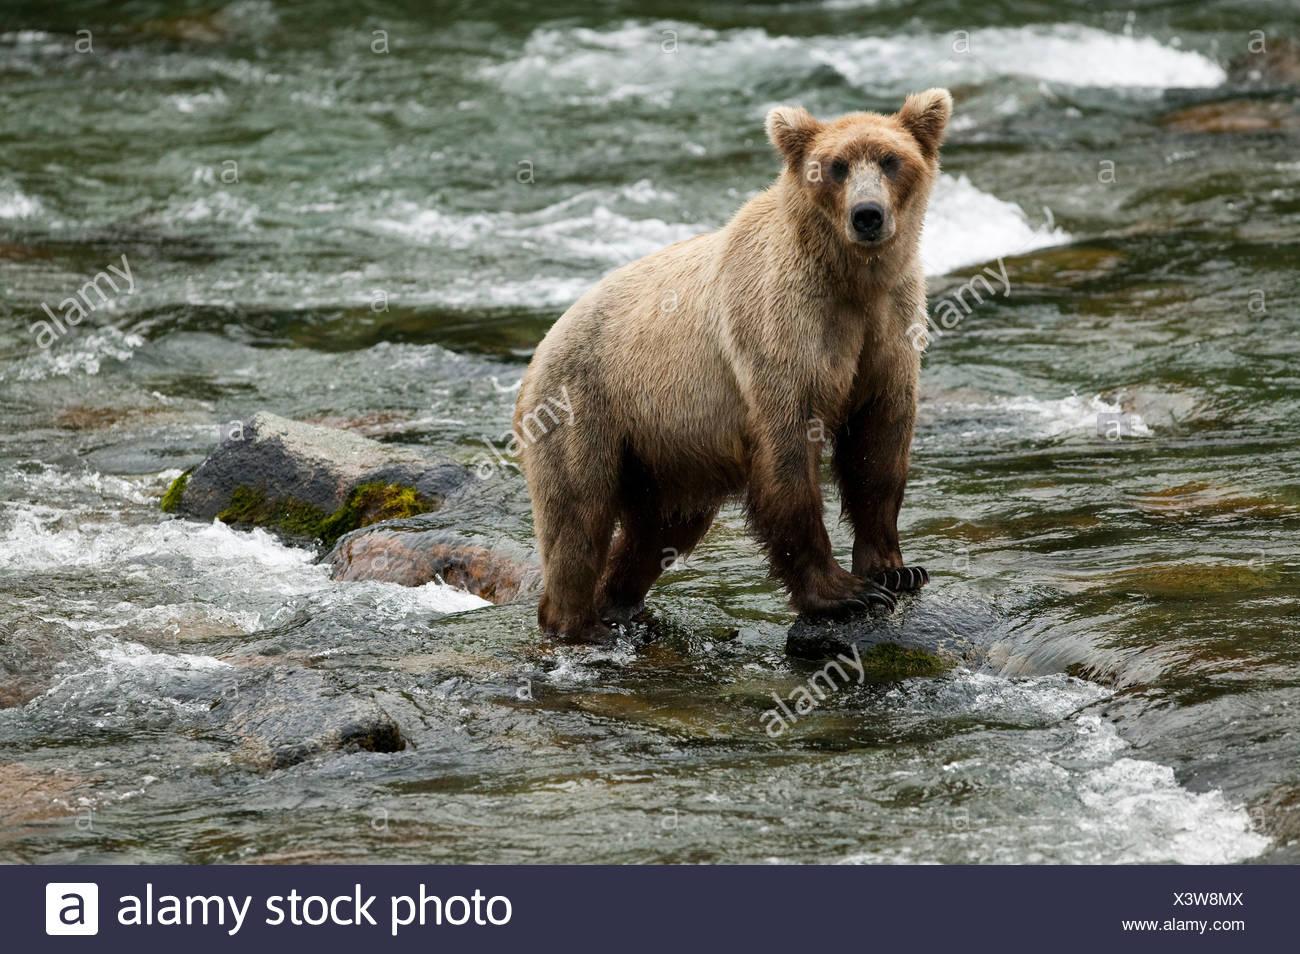 Brown bear, Brooks Falls, Katmai National Park, Alaska - Stock Image